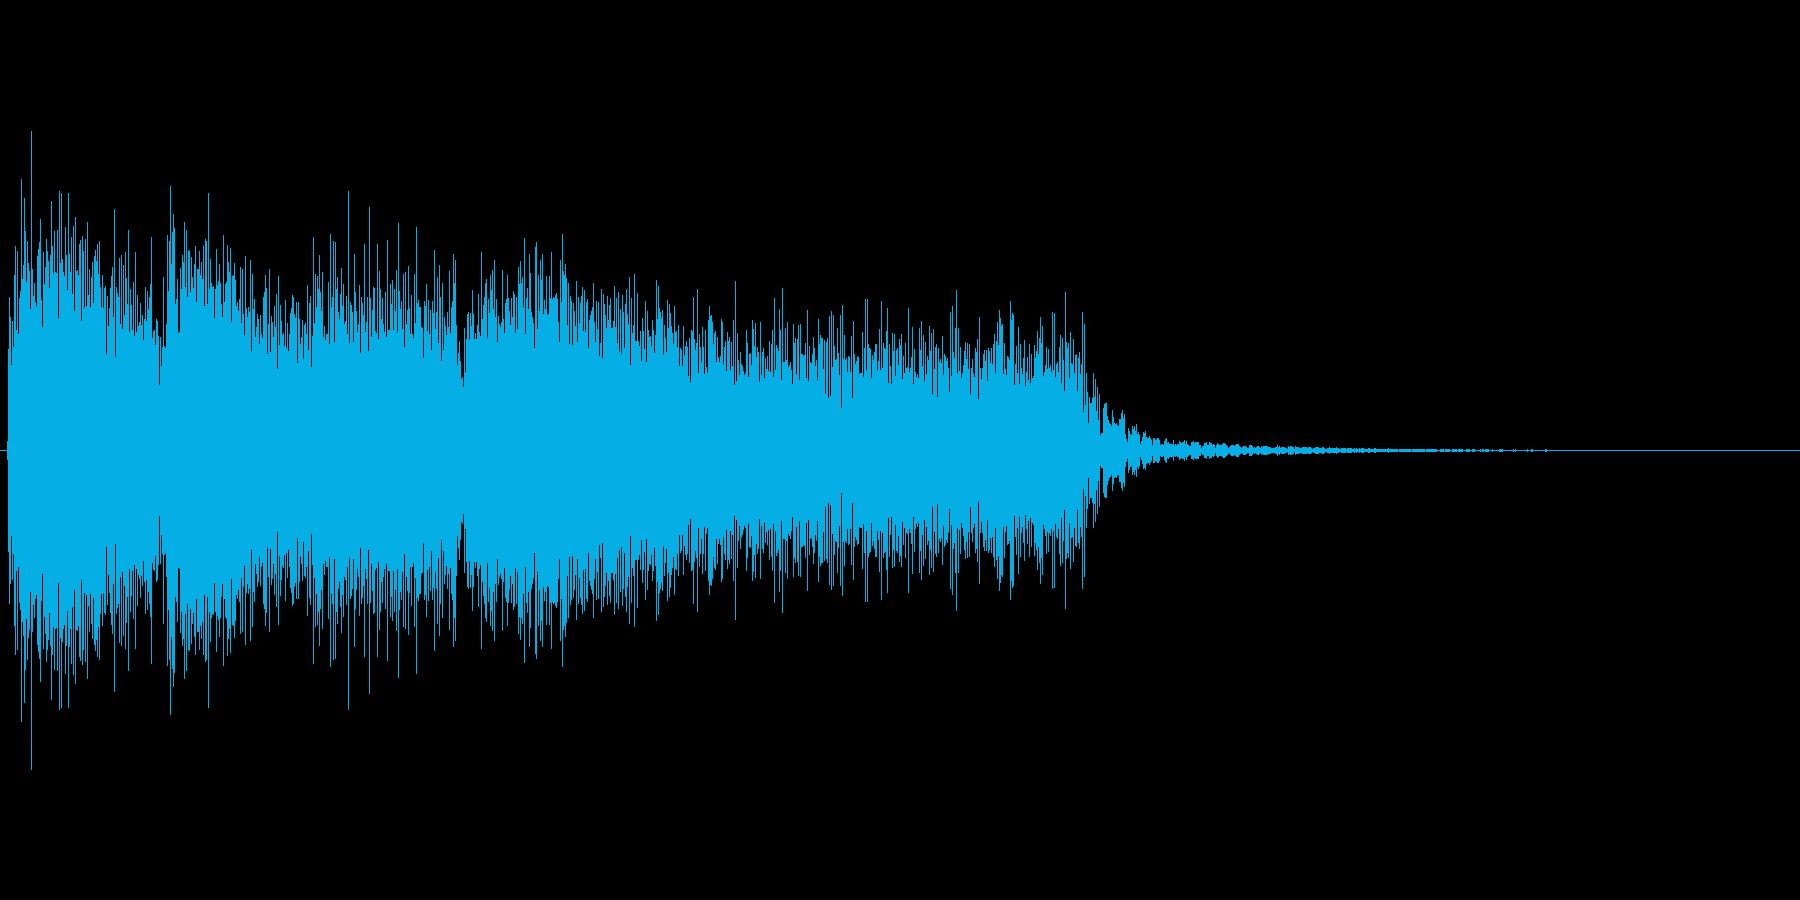 デーレーレーレー(残念、不正解、没収)の再生済みの波形